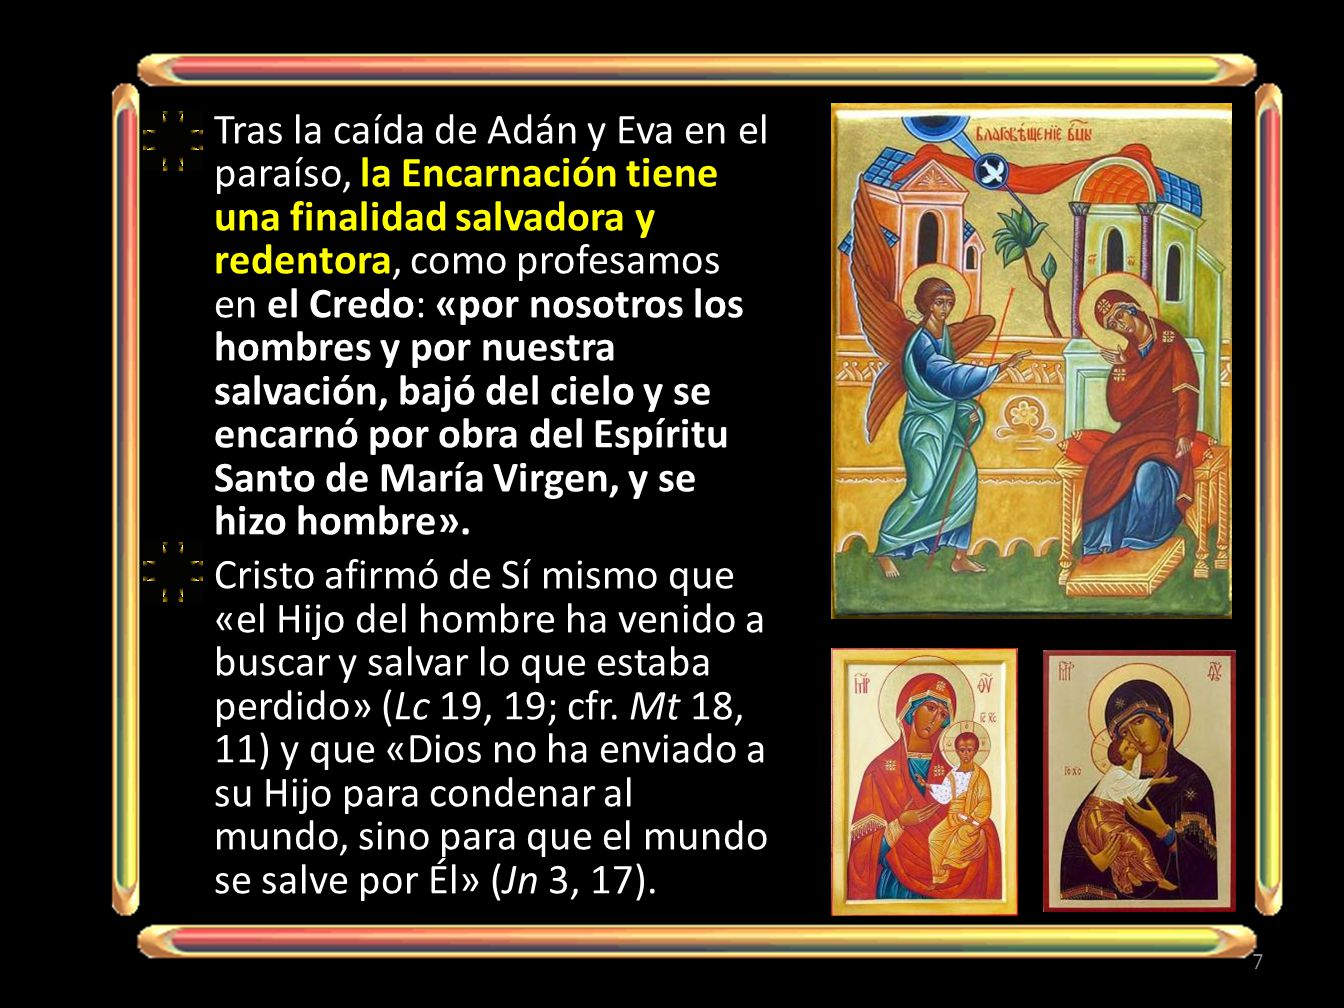 Tras la caída de Adán y Eva en el paraíso, la Encarnación tiene una finalidad salvadora y redentora, como profesamos en el Credo: «por nosotros los ho